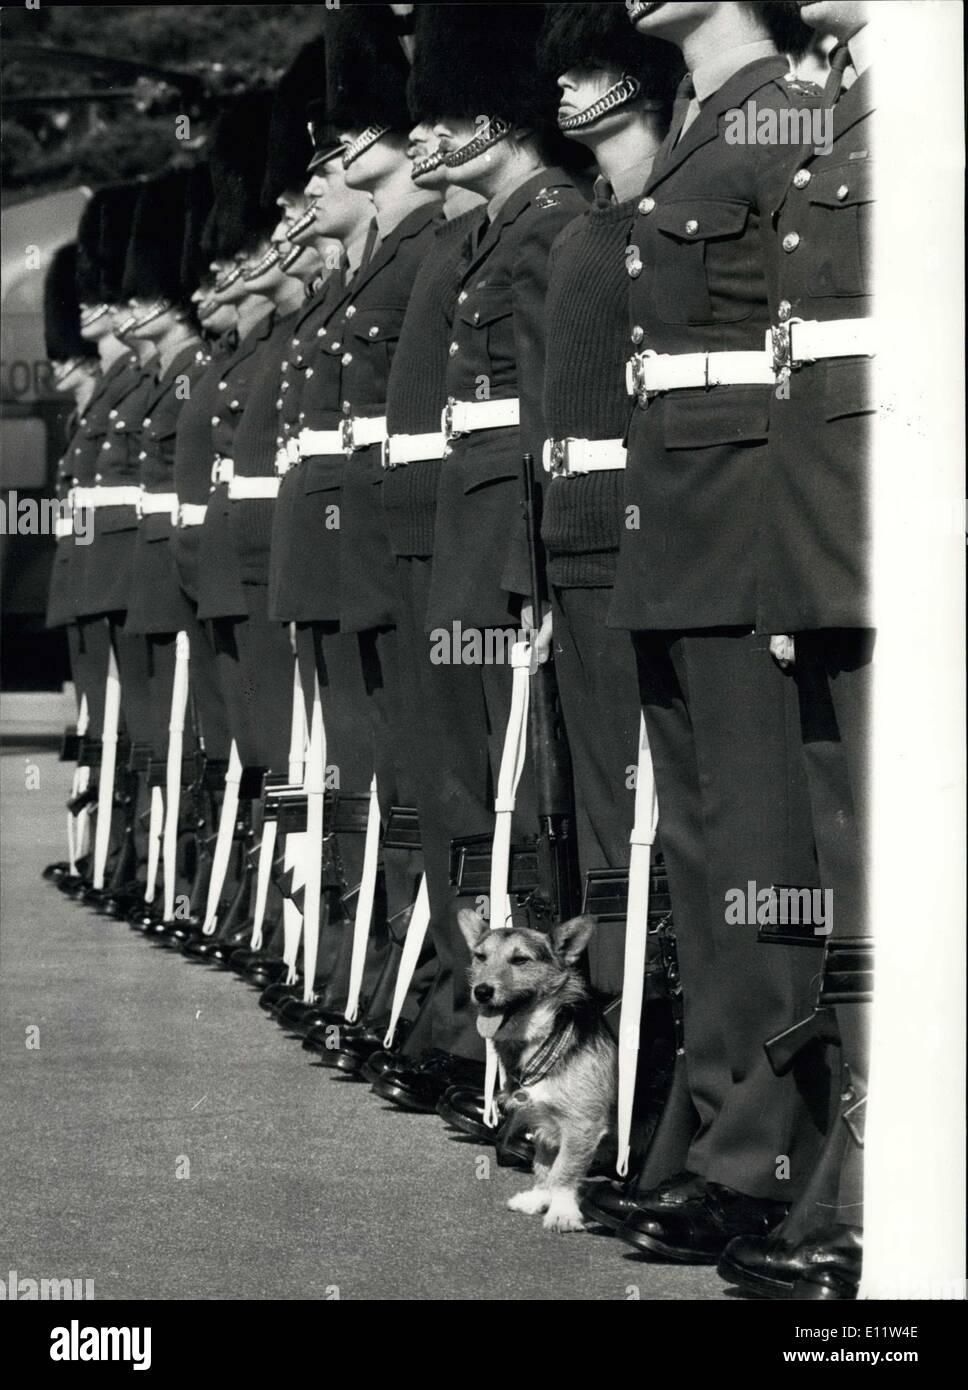 09 de abril de 1980 - la Guardia Galesa Desfile para decir adiós a los ratas:' en Elizabeth Barracks, Pirbright Camp. Brookwood' Workling ~~~~~ hoy el 1er Batallón de guardias galeses estaban en Desfile ~~~~~~ adiós a las ratas el estrellado (Corgie/Terrier) que se ha retirado ayer por Consejo, Rats US pensó que tenía 12 años y gran parte de él se ha gastado con las compañías de reclutamiento en Crossmagien South Armagh, Irlanda del Norte en diciembre del año pasado fue galardonado con la medalla de oro Pro Dogs por el Perro más devoto a deber y fue dado a regresar a Londres para la presentación Foto de stock